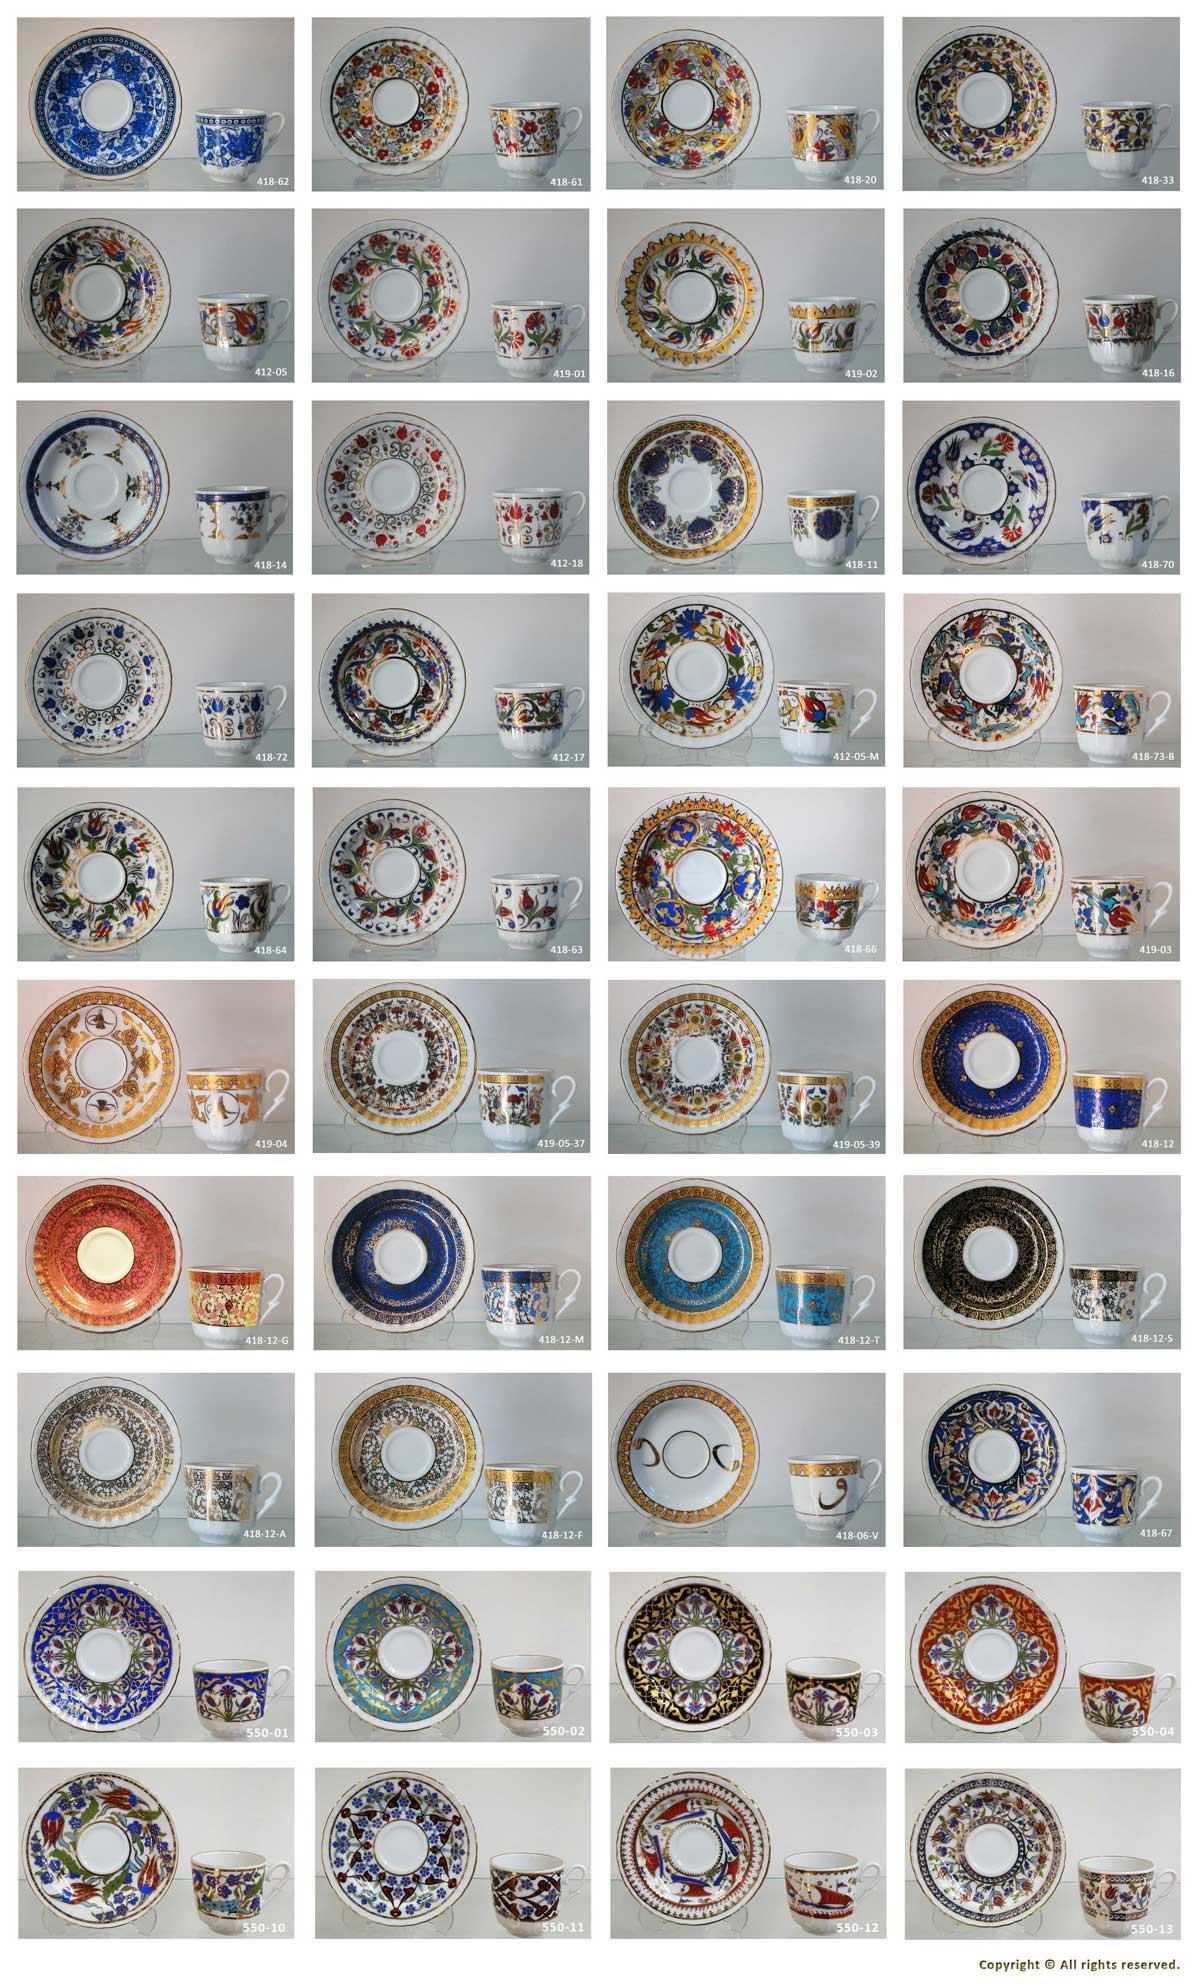 Türk Kahvesi Fincan Takımı Desenleri Türkiye anısı hatıralar Kahve Fincan Modelleri Orjinal KÜtahya Güral Porselen Altın Yaldızlı Sedef 1. Sınıf Sert Porselenden